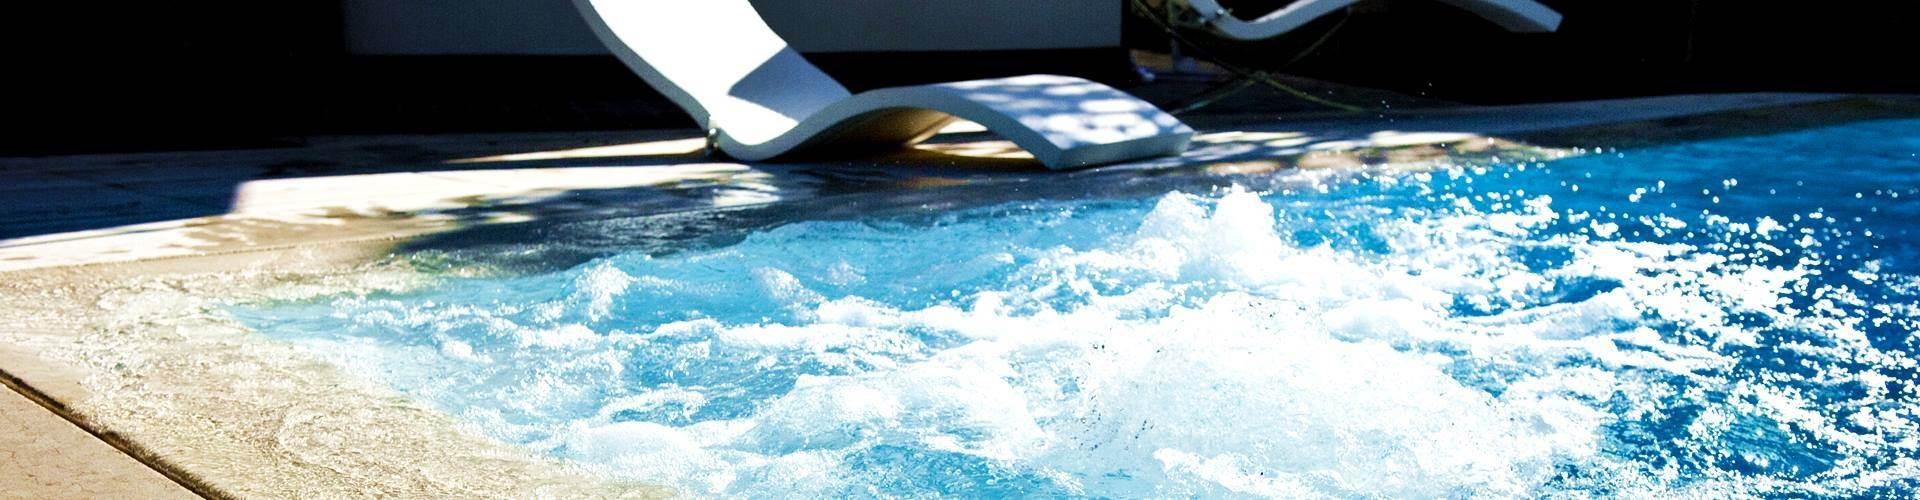 Costruzione piscine mantova mn costruzione piscine - Piscina mantova ...